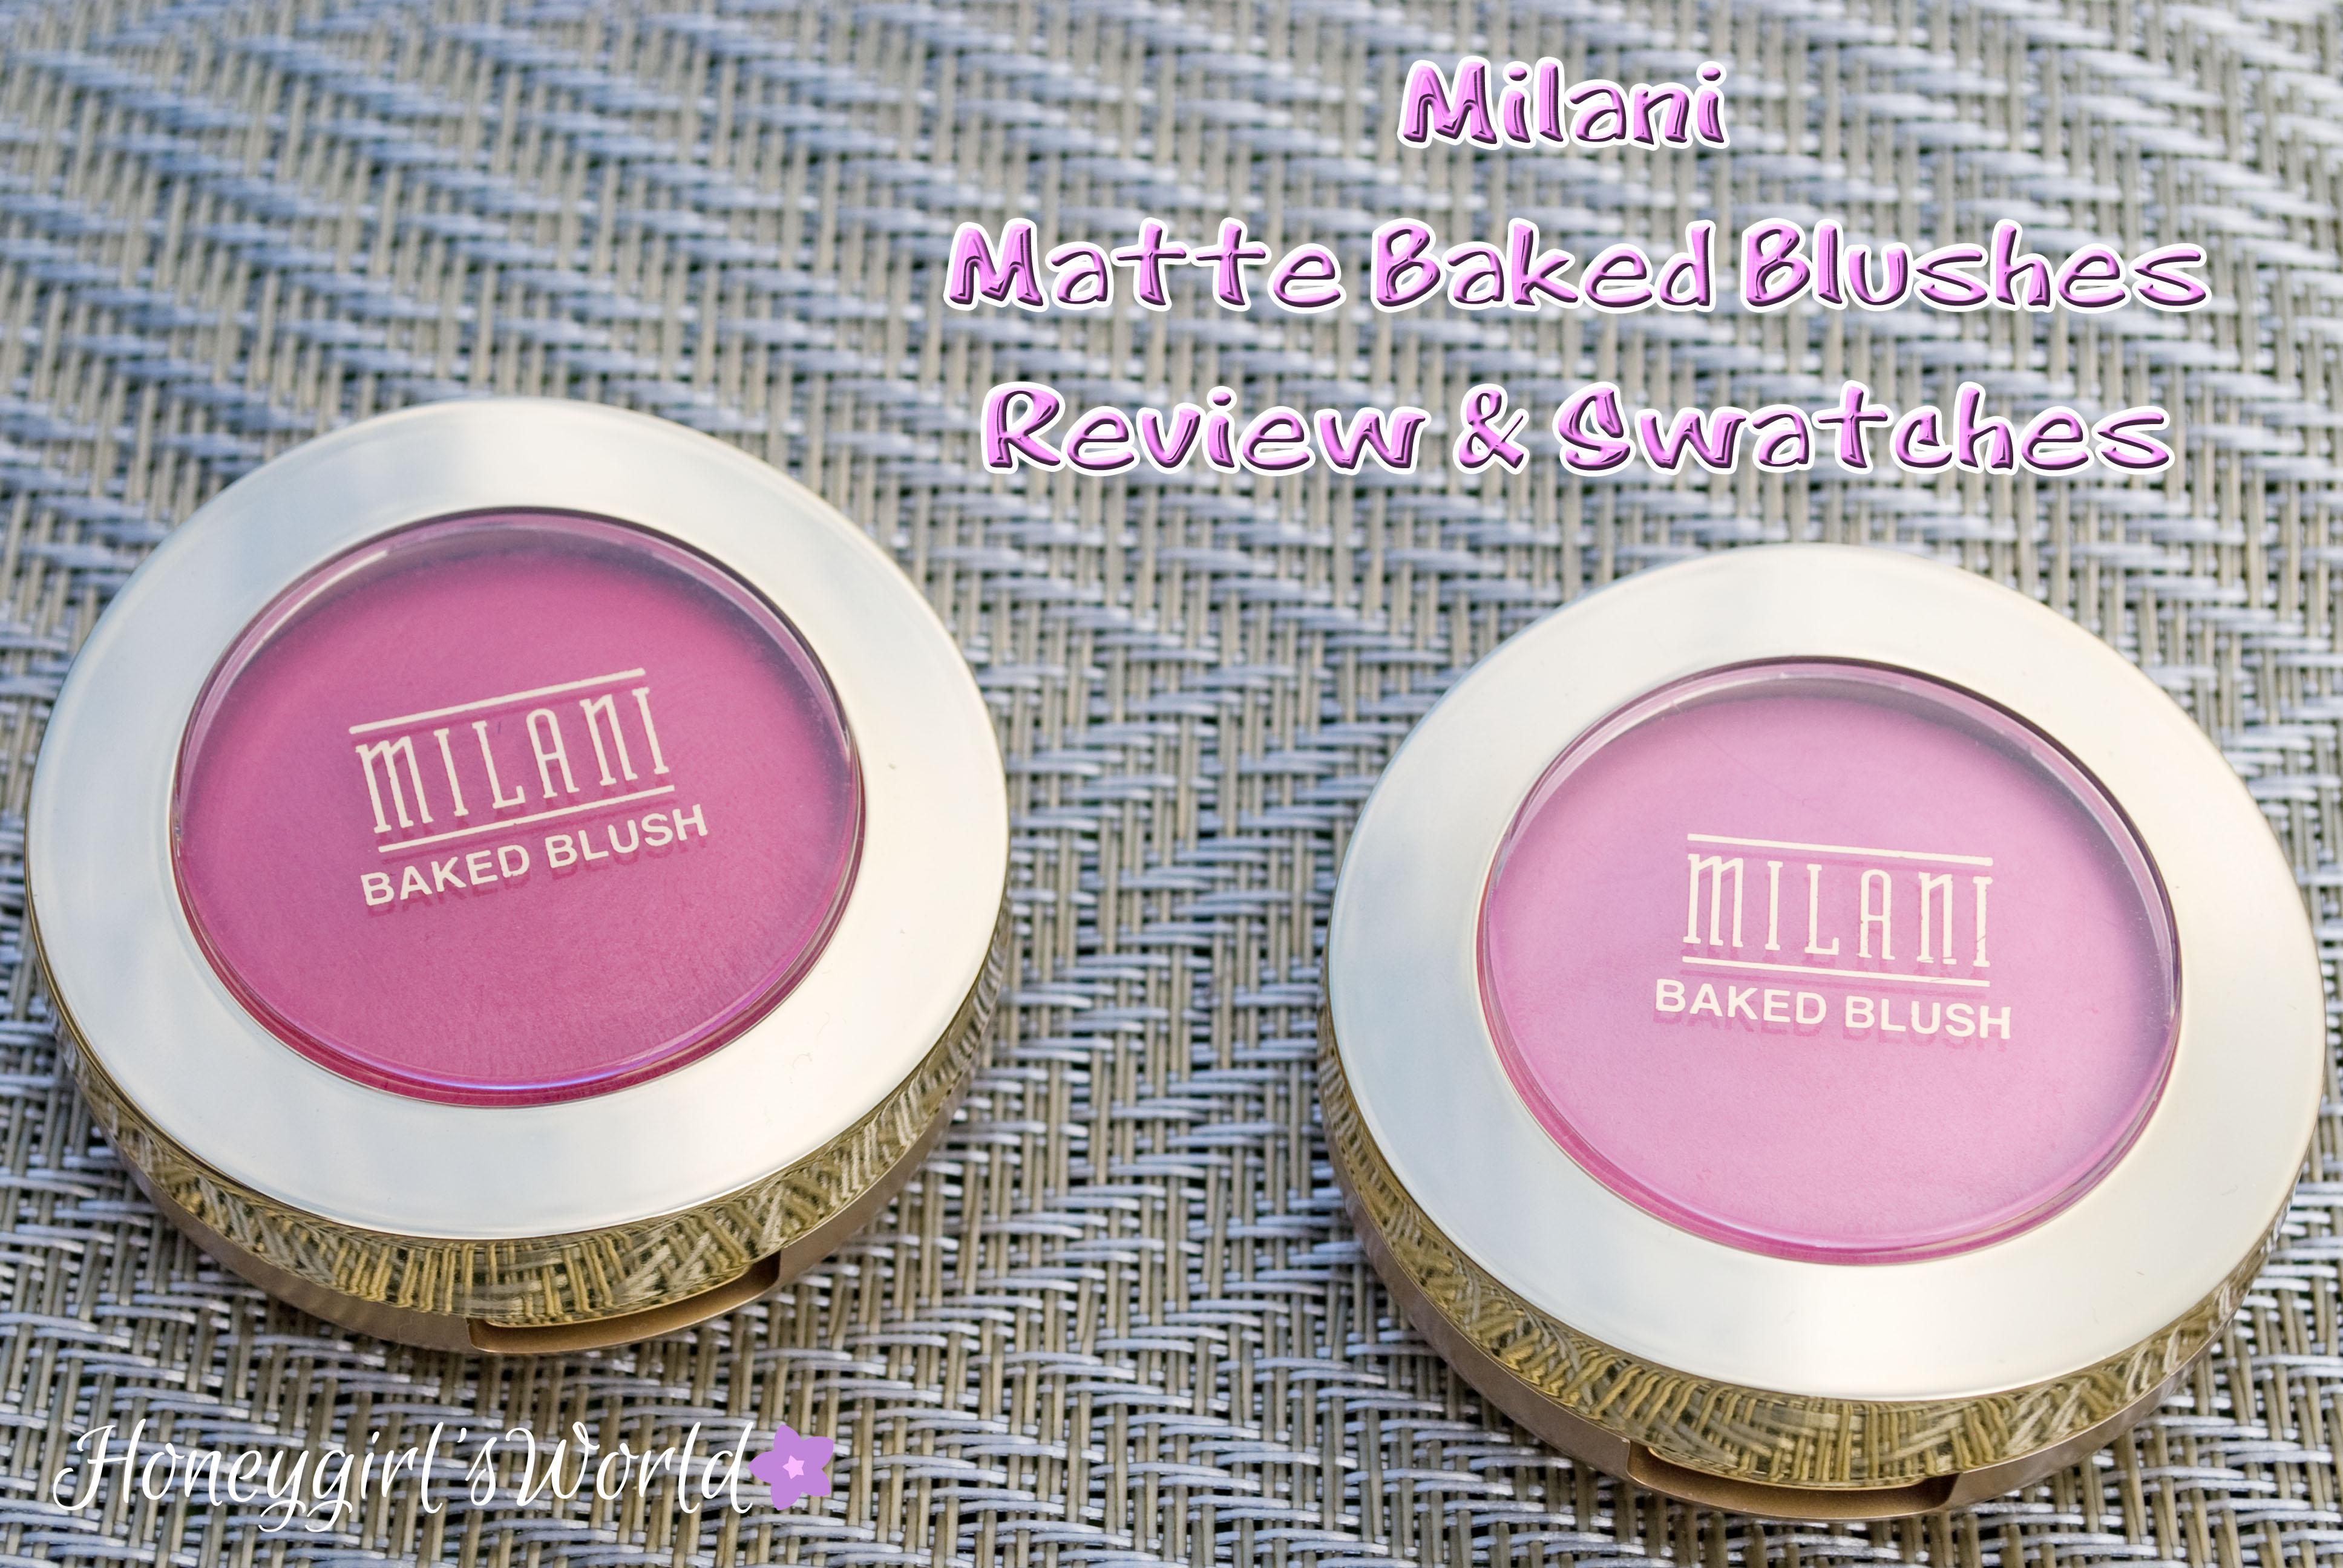 Milani Matte Baked Blushes